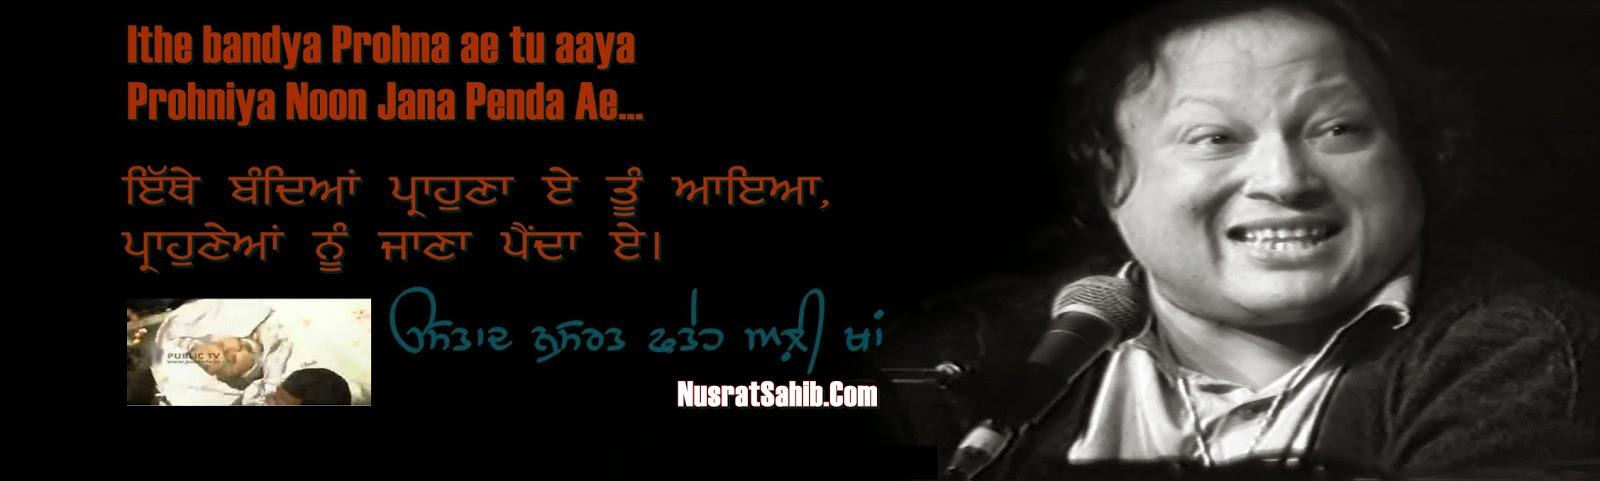 Latest Ghazals Qawwali, Vol 27 - Nusrat Fateh Ali Khan